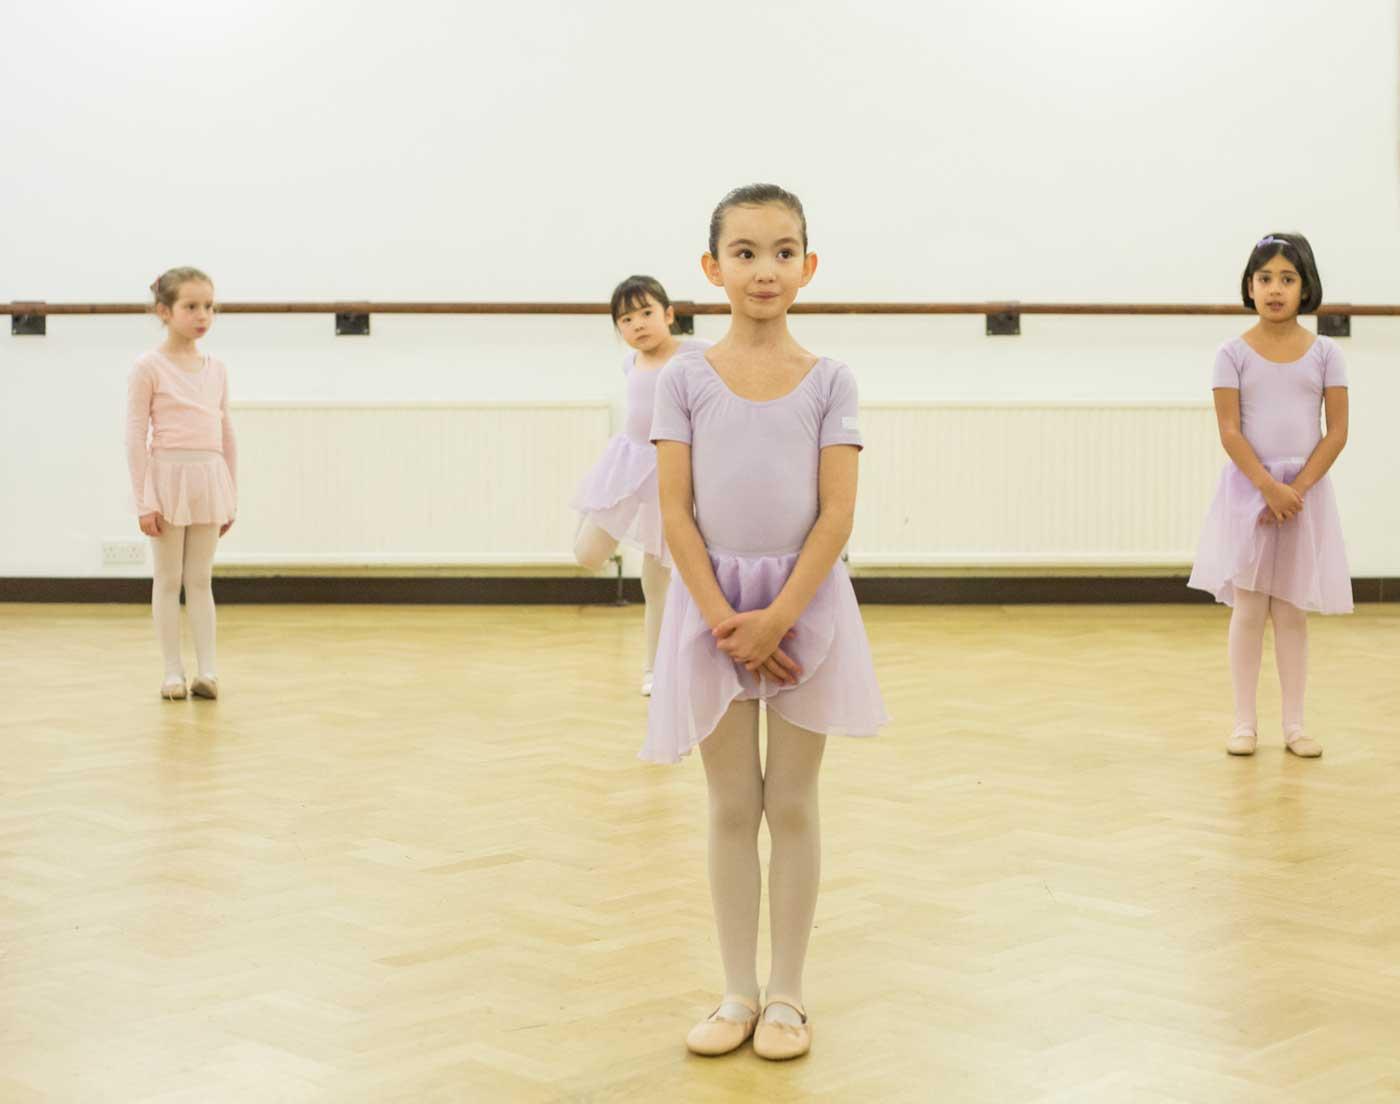 ccf01ce15 Leading Ballet School in London